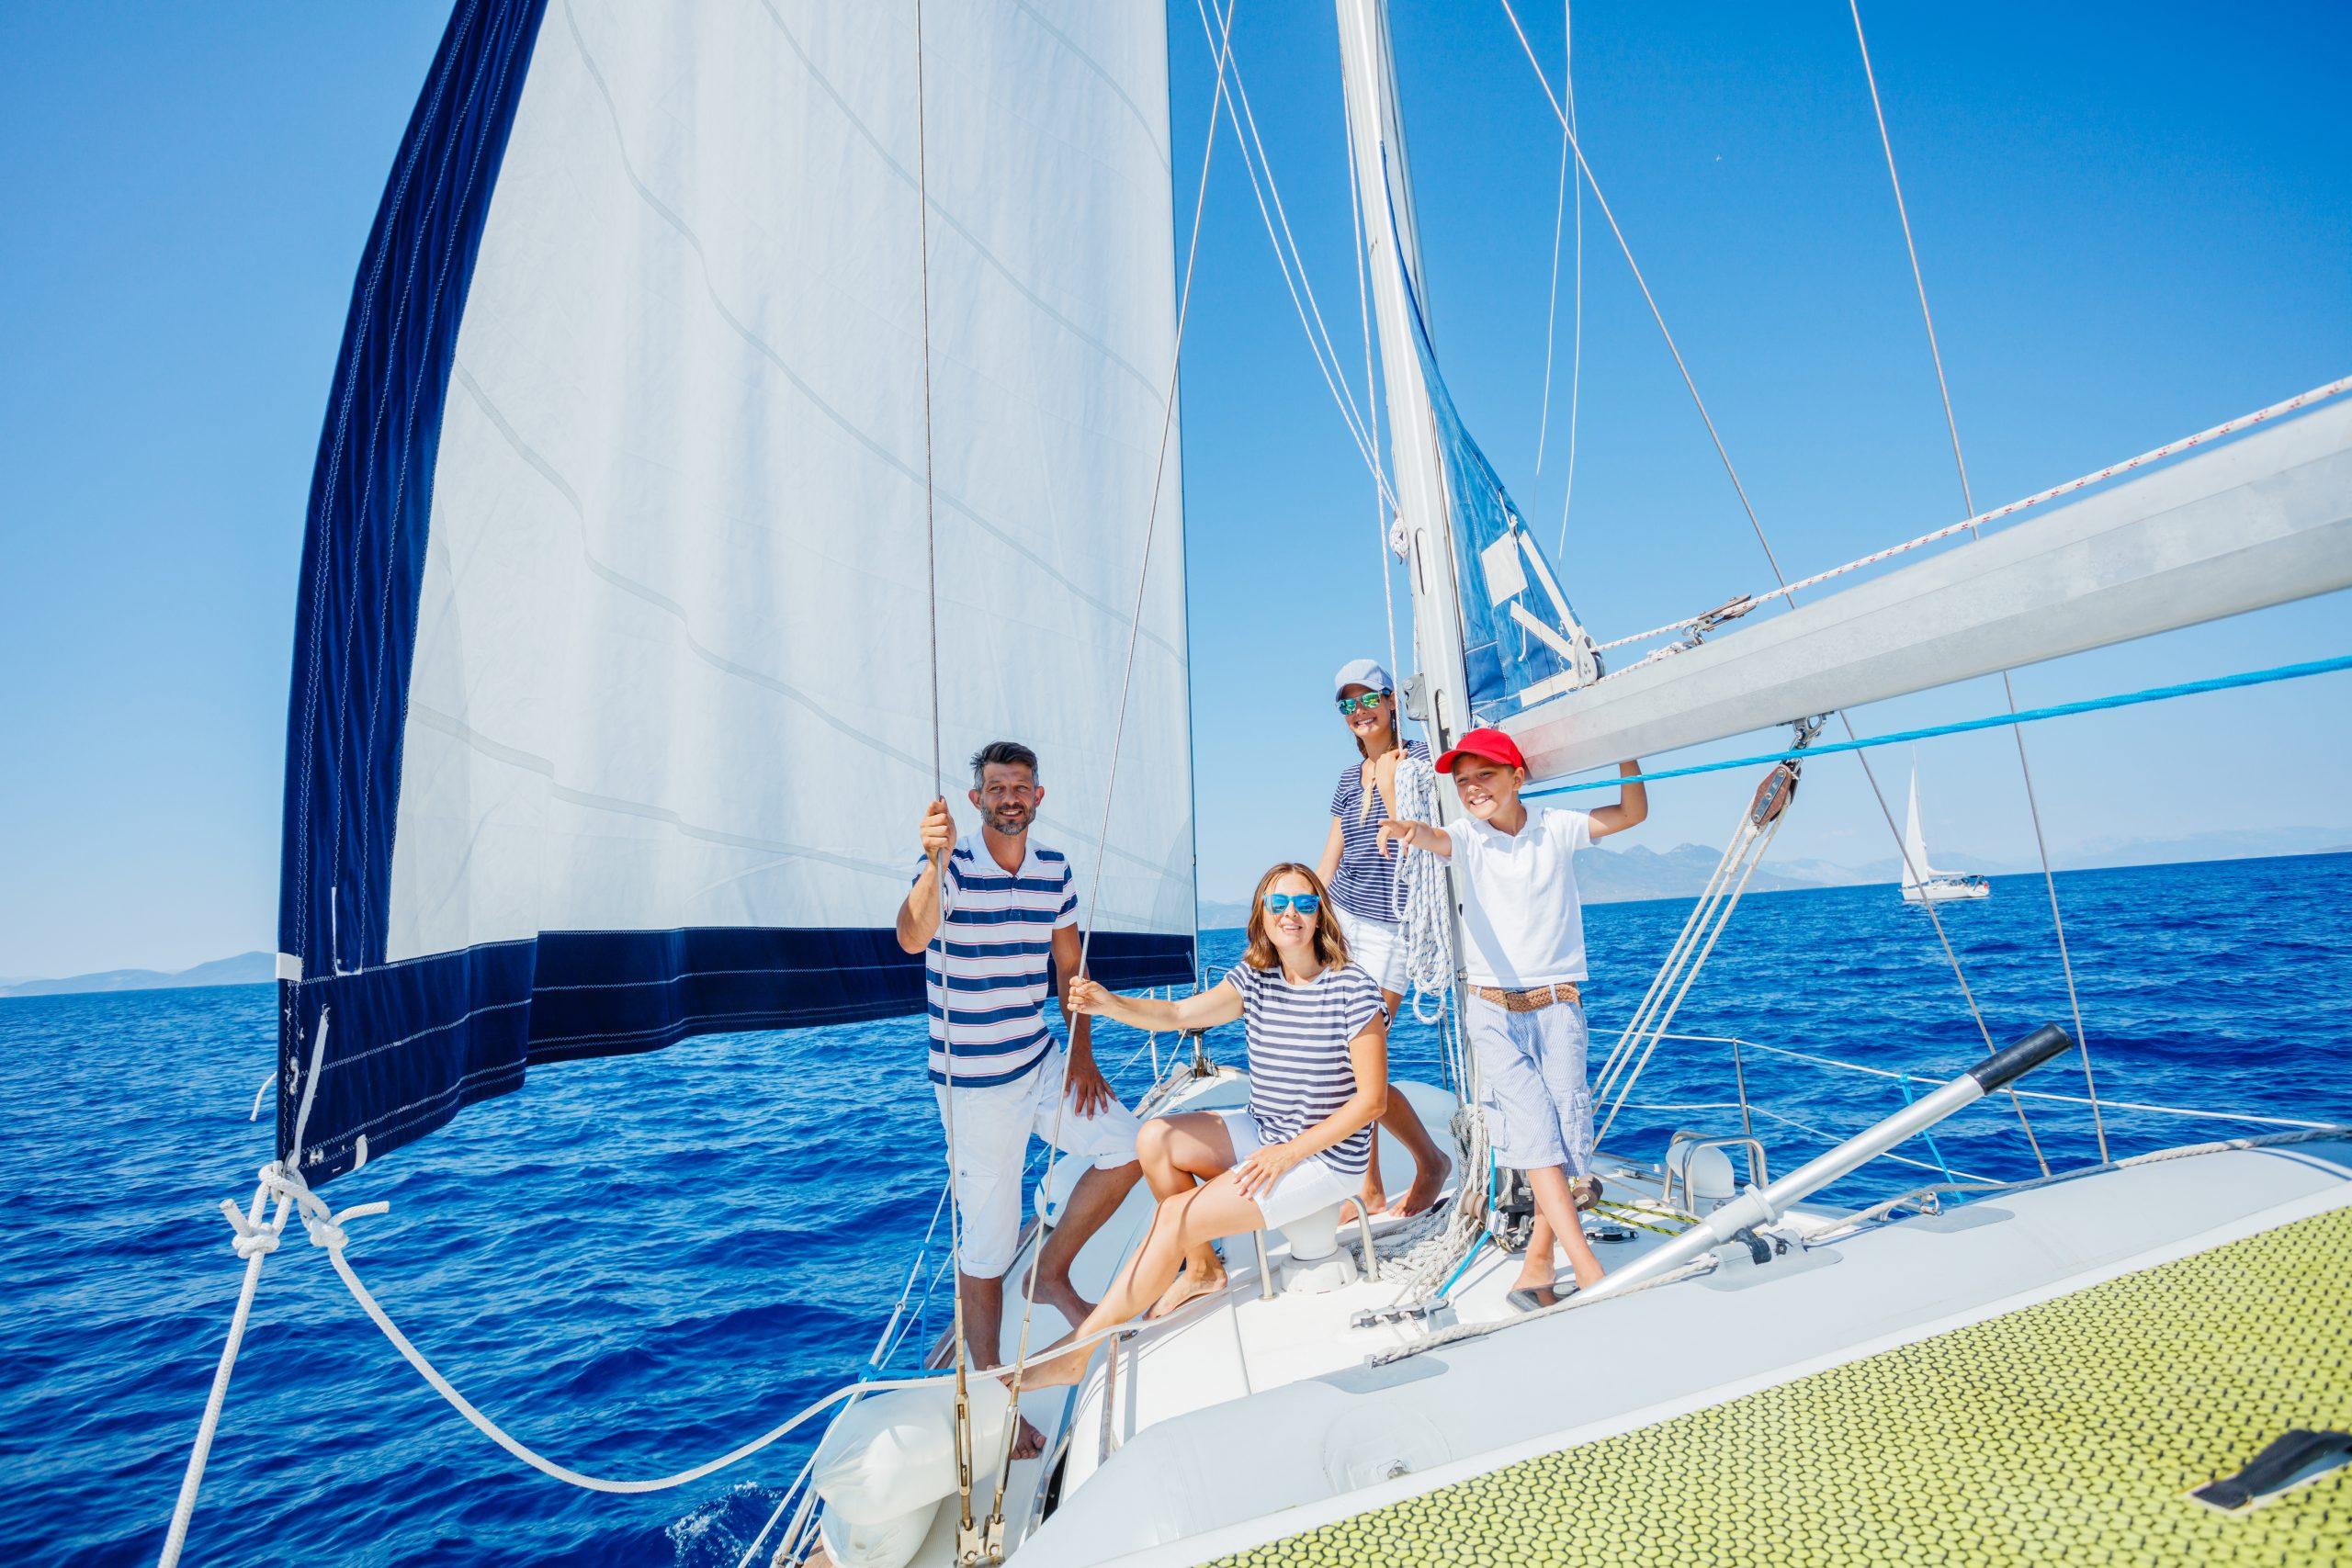 Vacaciones en familia por Ibiza Charter en familia por Formetera Velero en familia por Formentera Semana en familia por la costa blanca